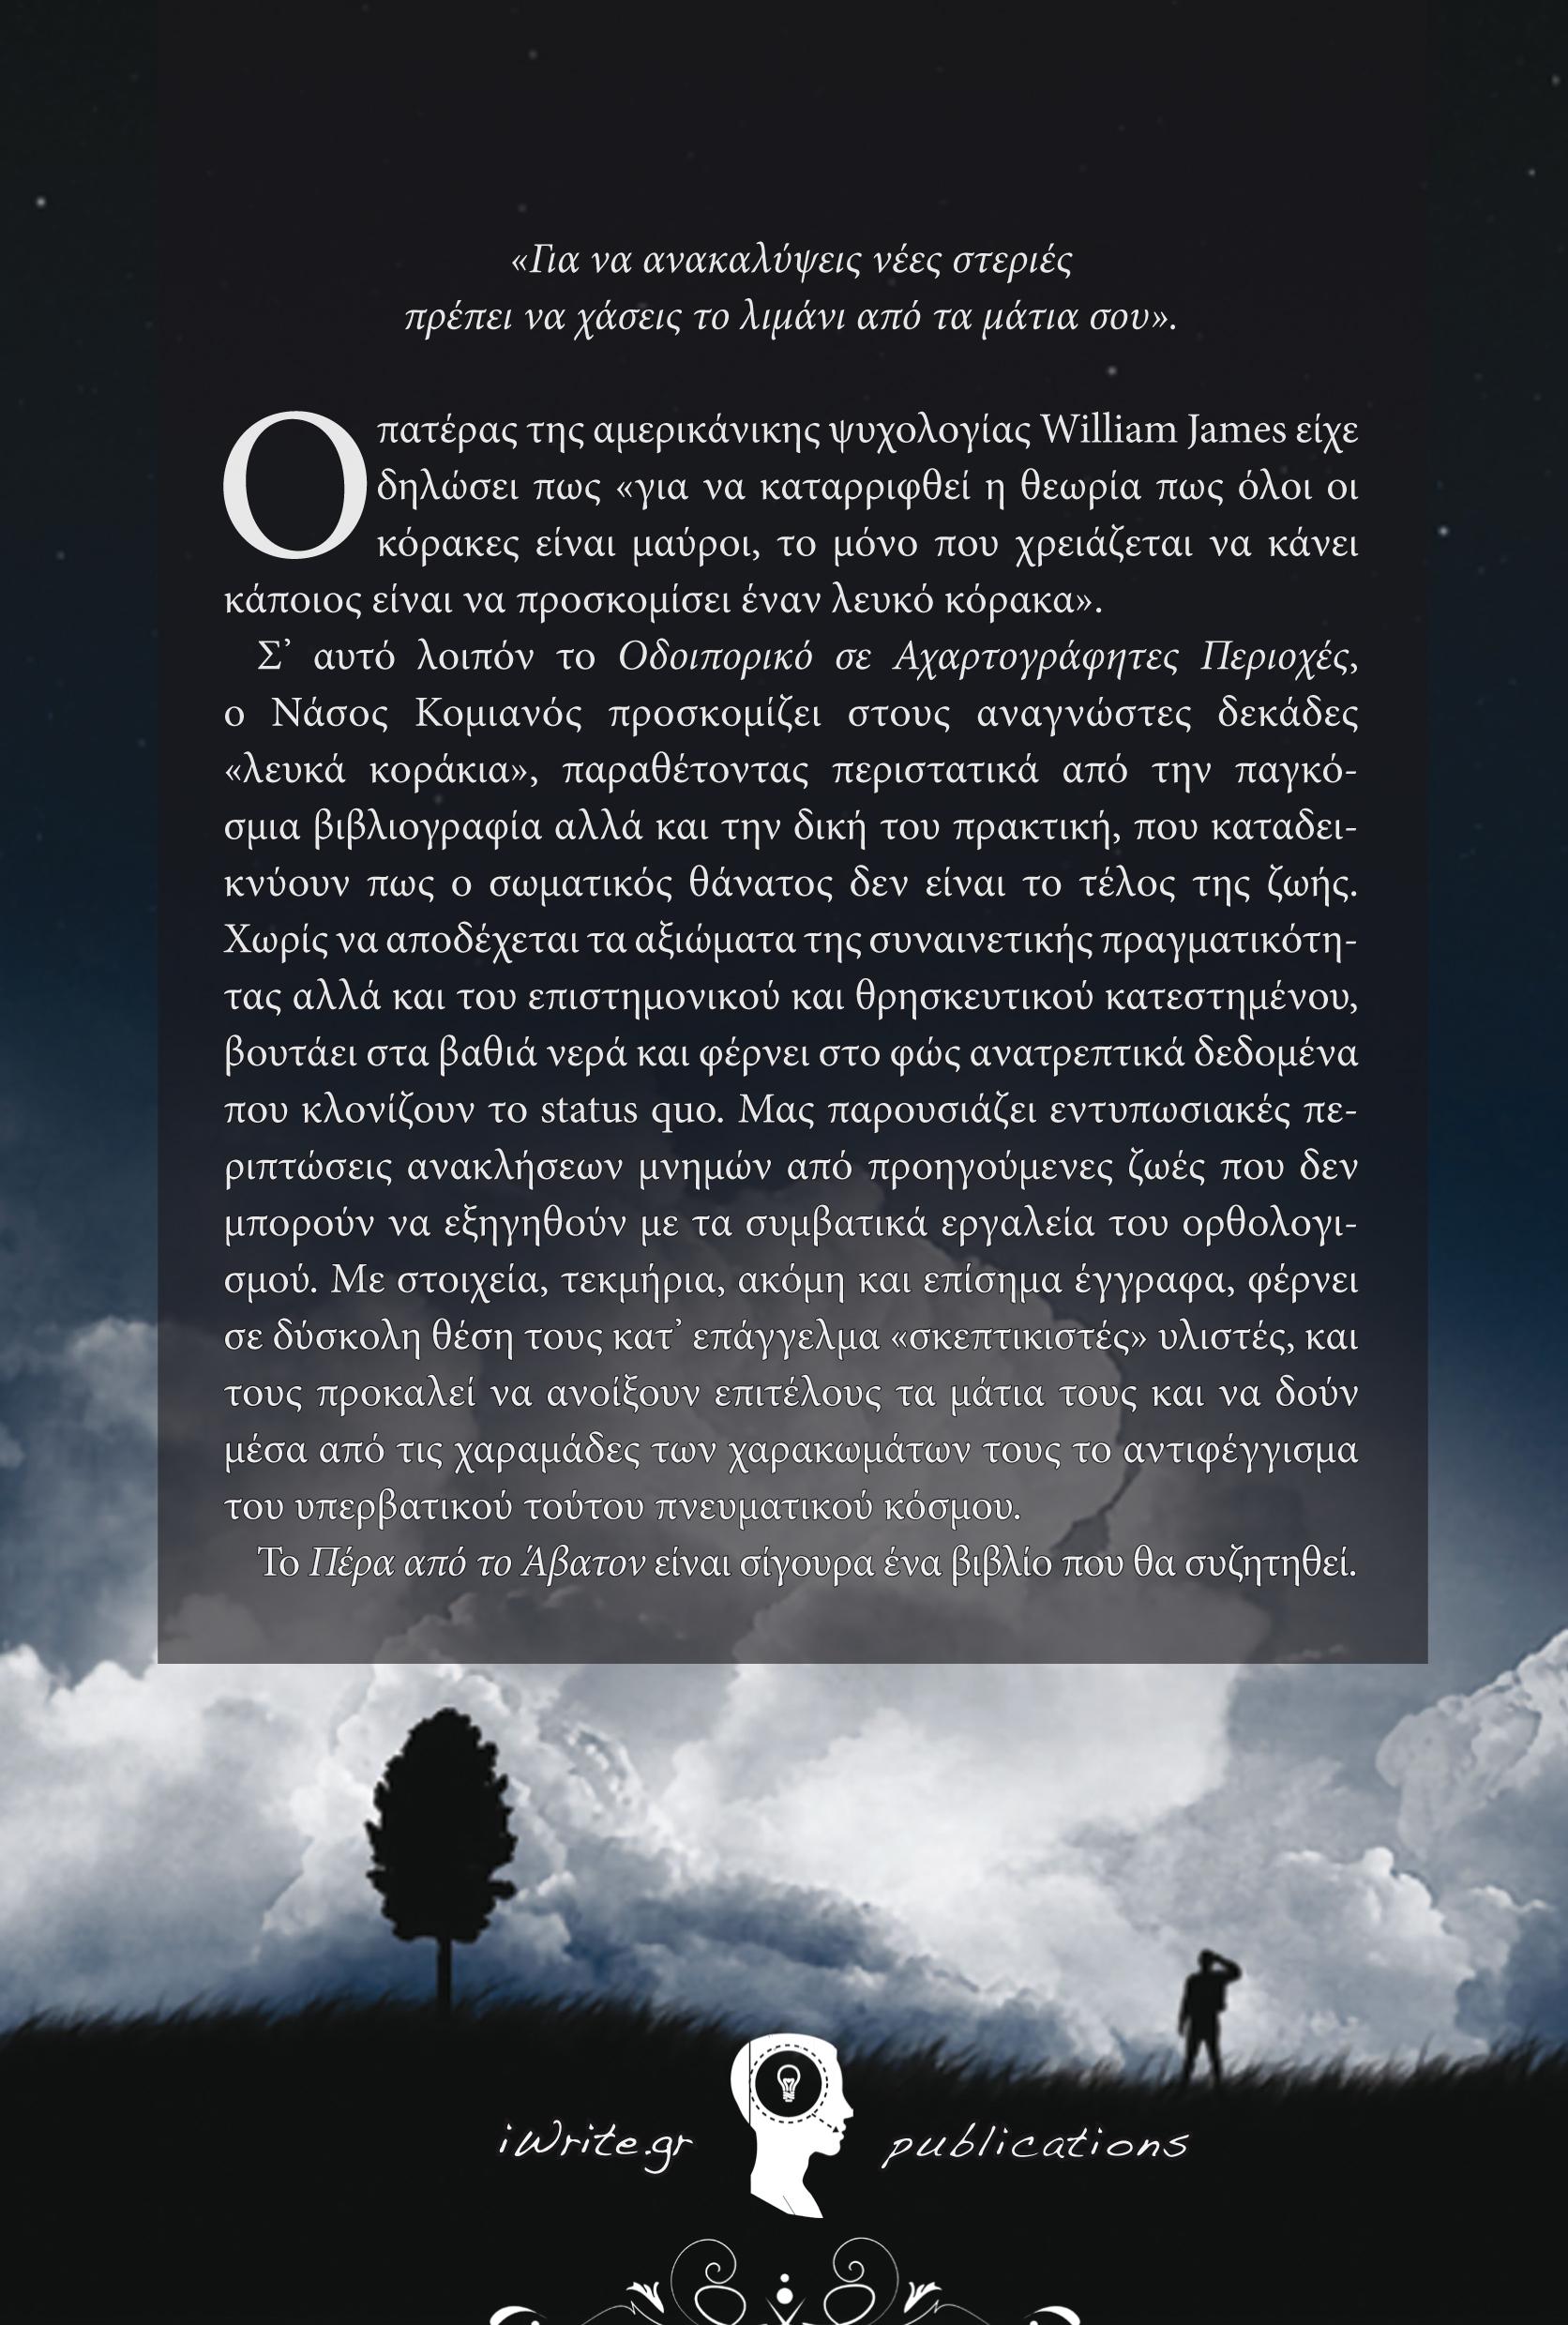 Οπισθόφυλλο, Πέρα από το Άβατον, Εκδόσεις iWrite